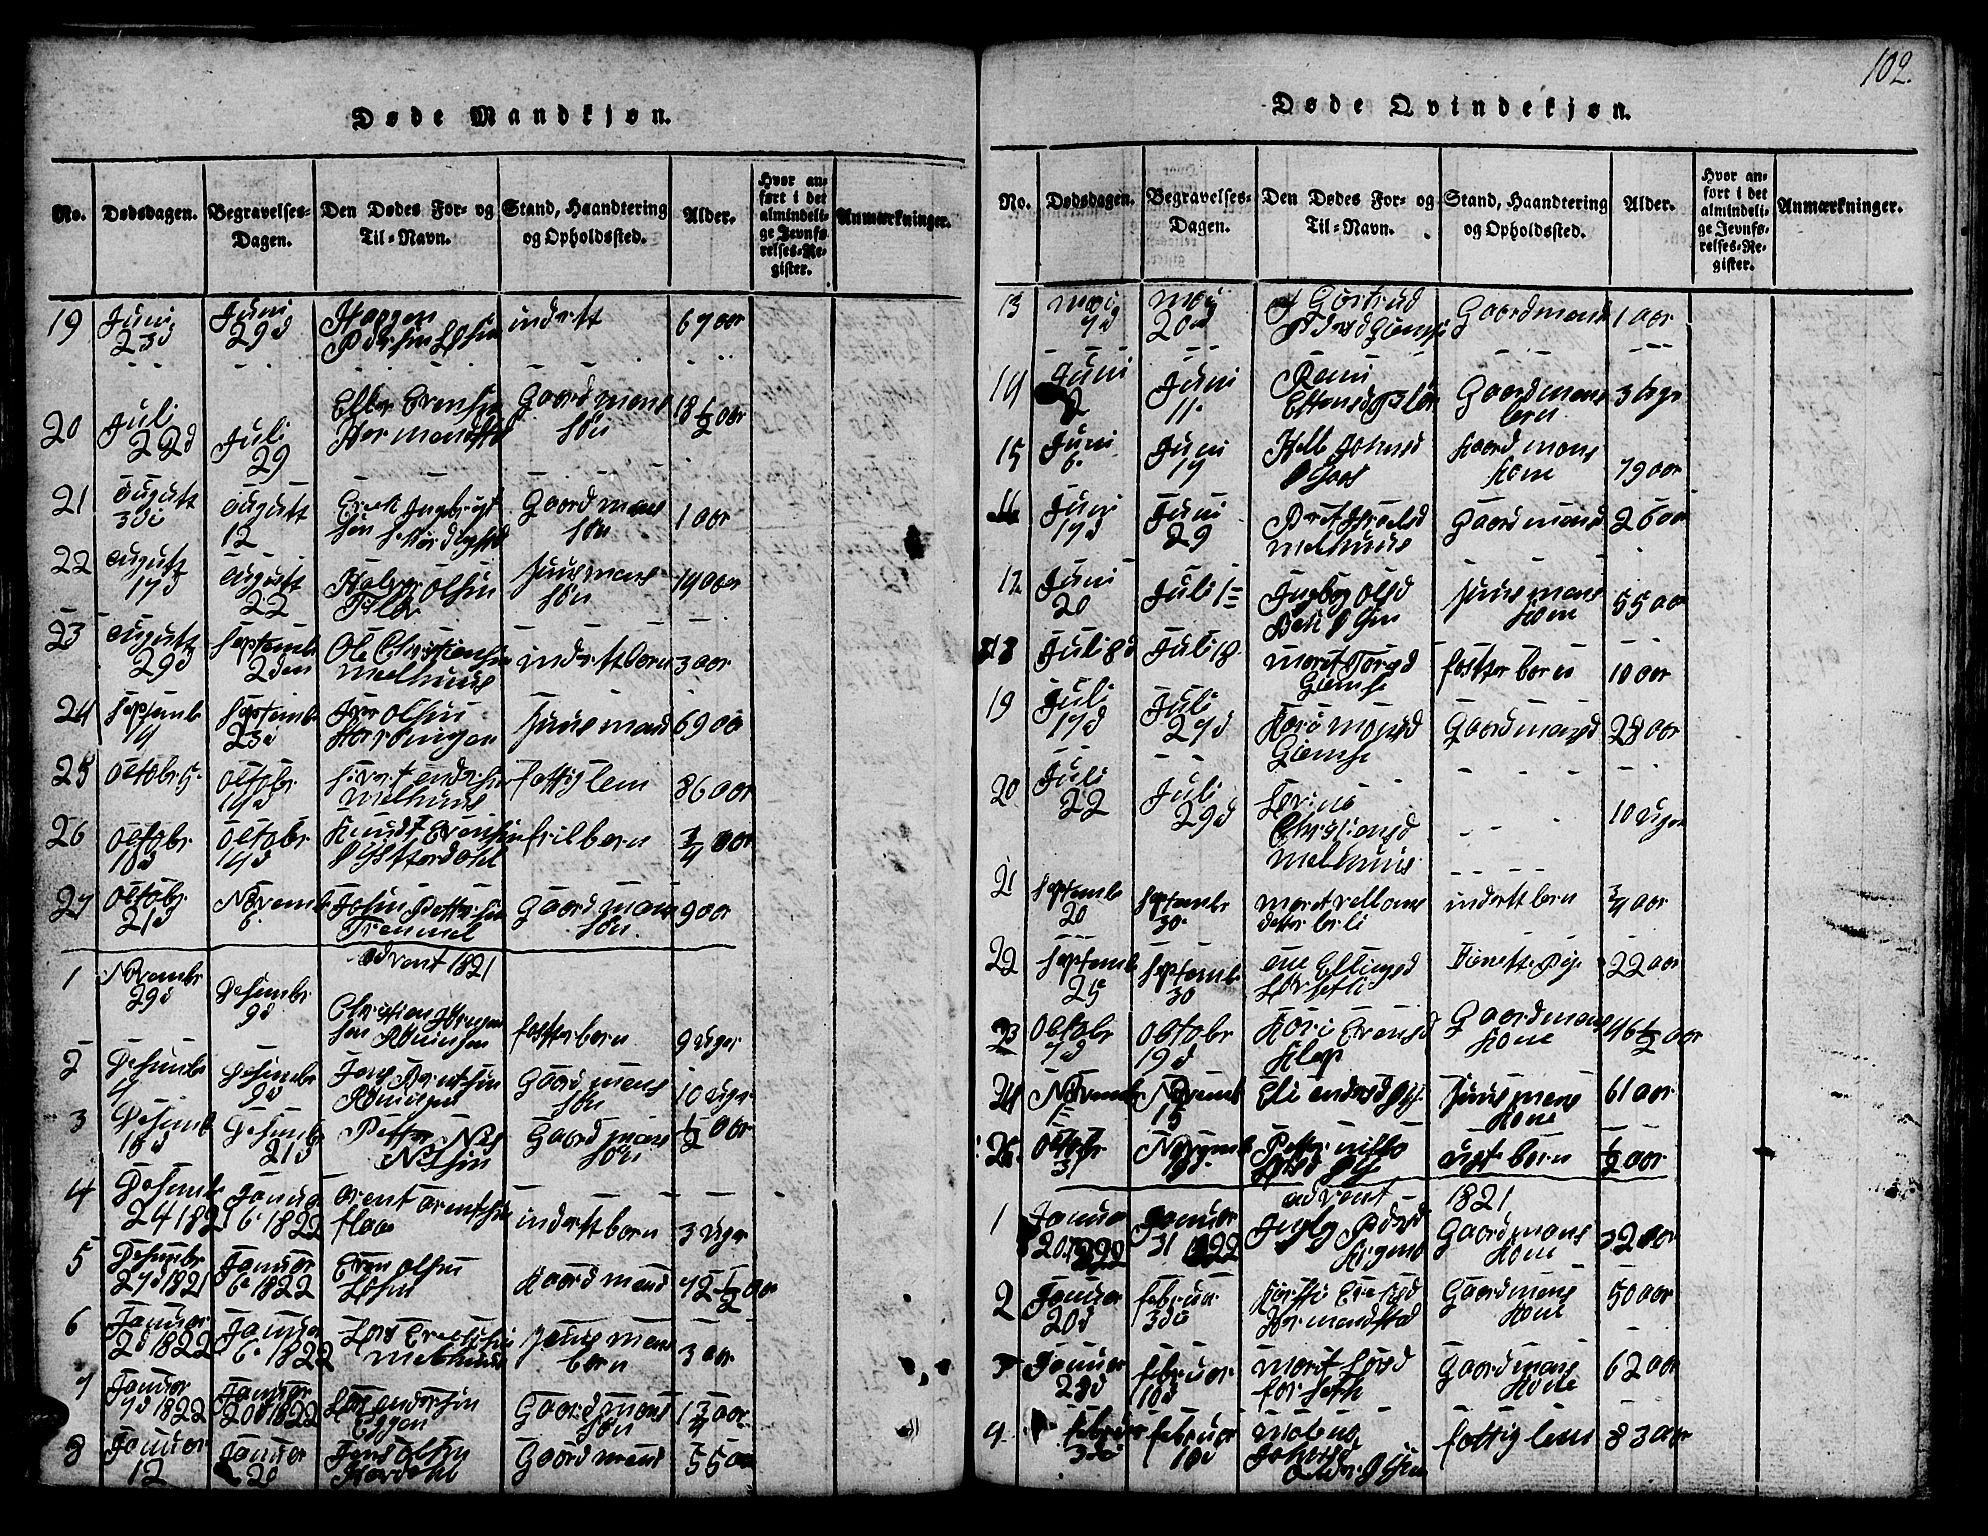 SAT, Ministerialprotokoller, klokkerbøker og fødselsregistre - Sør-Trøndelag, 691/L1092: Klokkerbok nr. 691C03, 1816-1852, s. 102